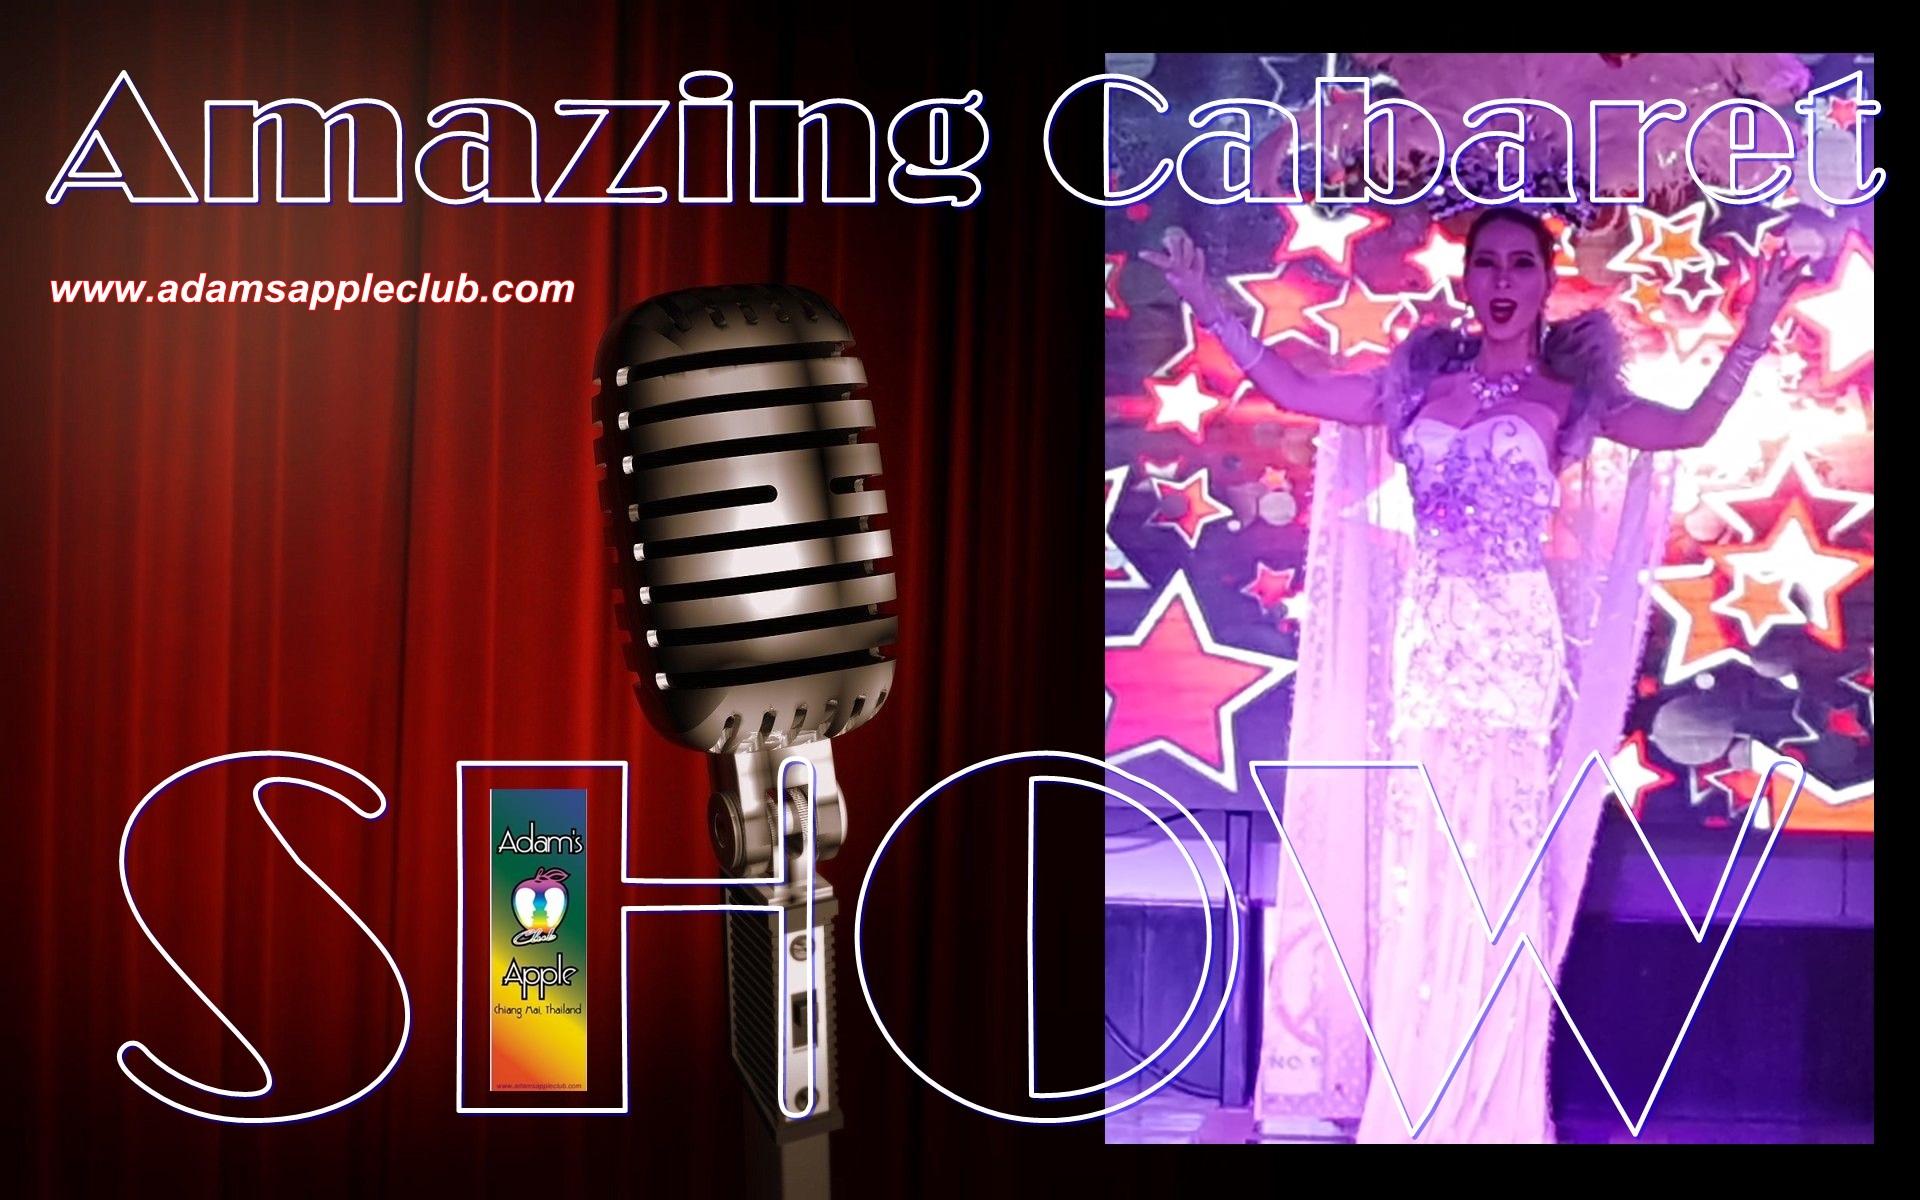 Adams Apple Club Amazing Cabaret